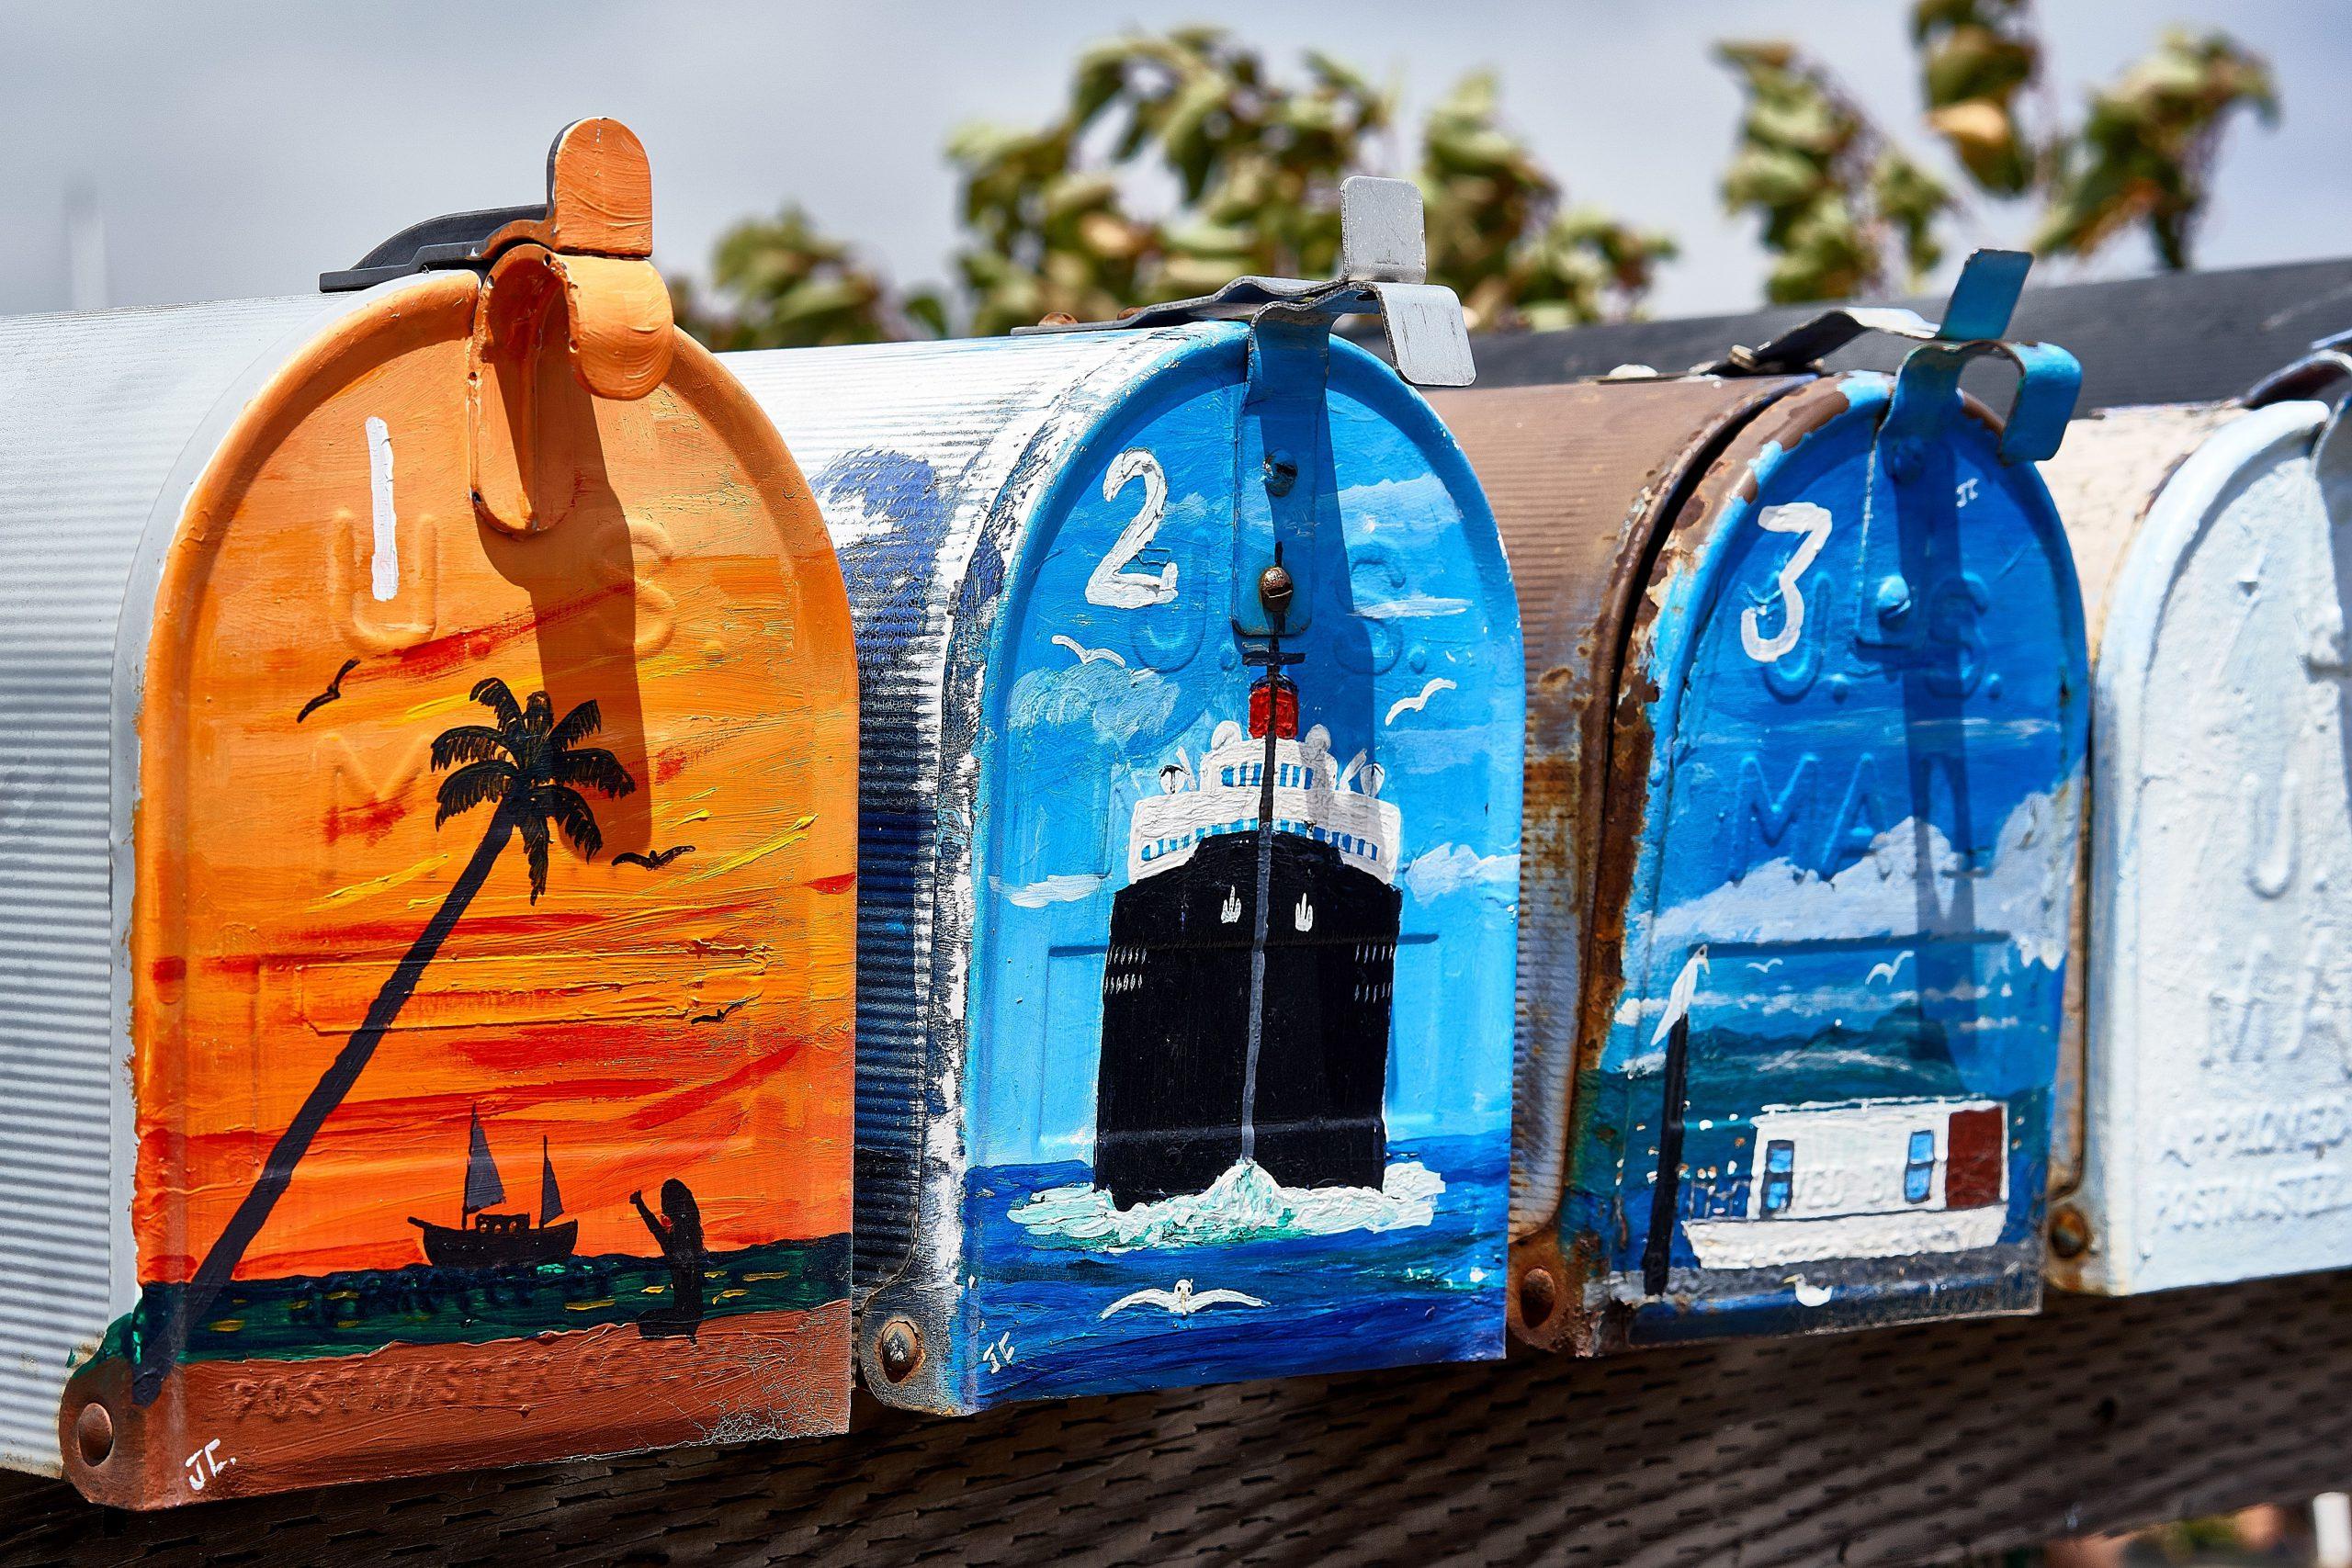 A row of mailboxes: EDDM